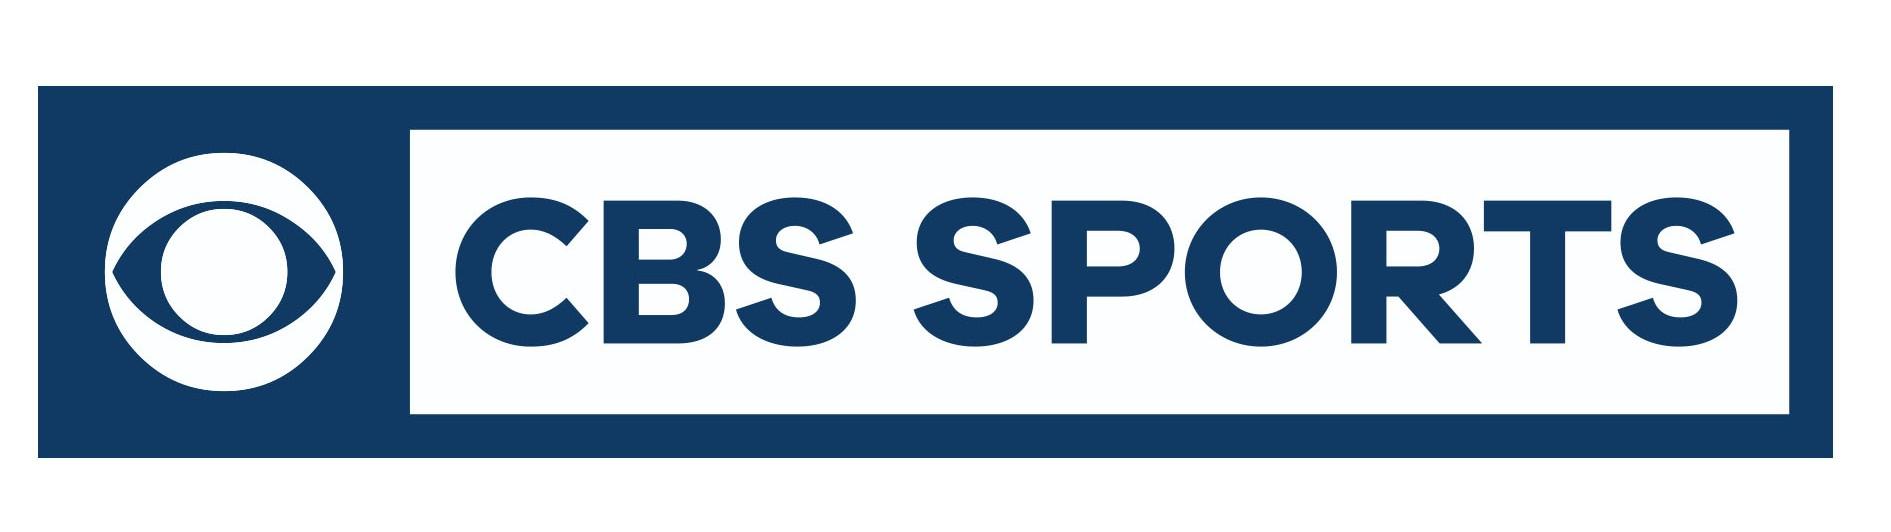 CBS Sports Logo.jpg